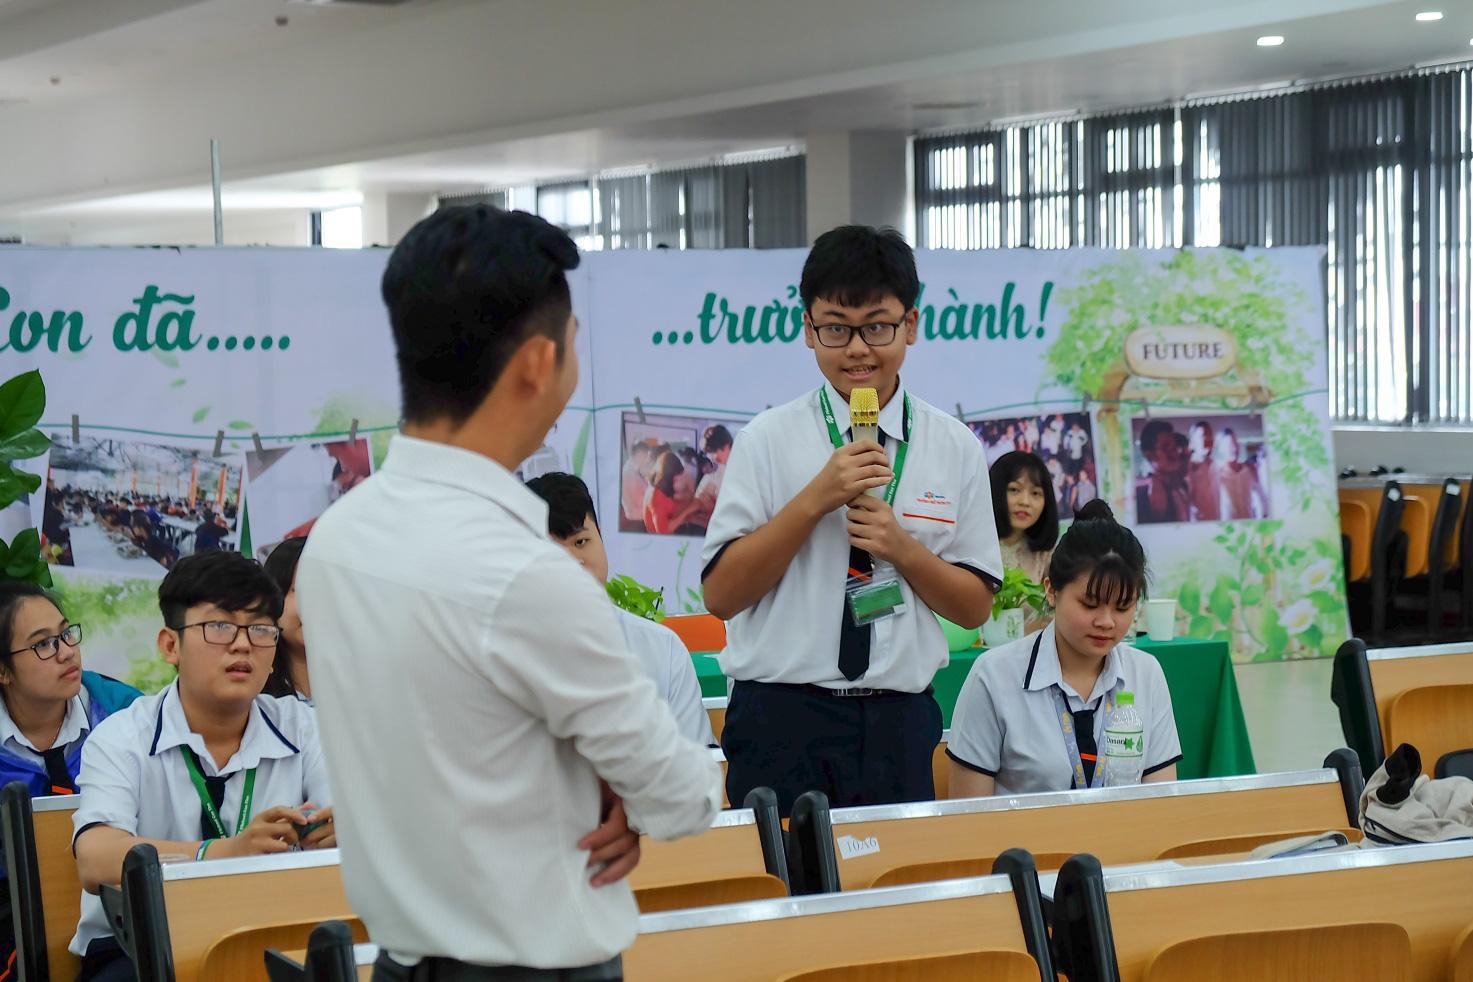 Học sinh Fschool Cần Thơ thỏa sức sáng tạo trong giờ học văn - Ảnh 4.